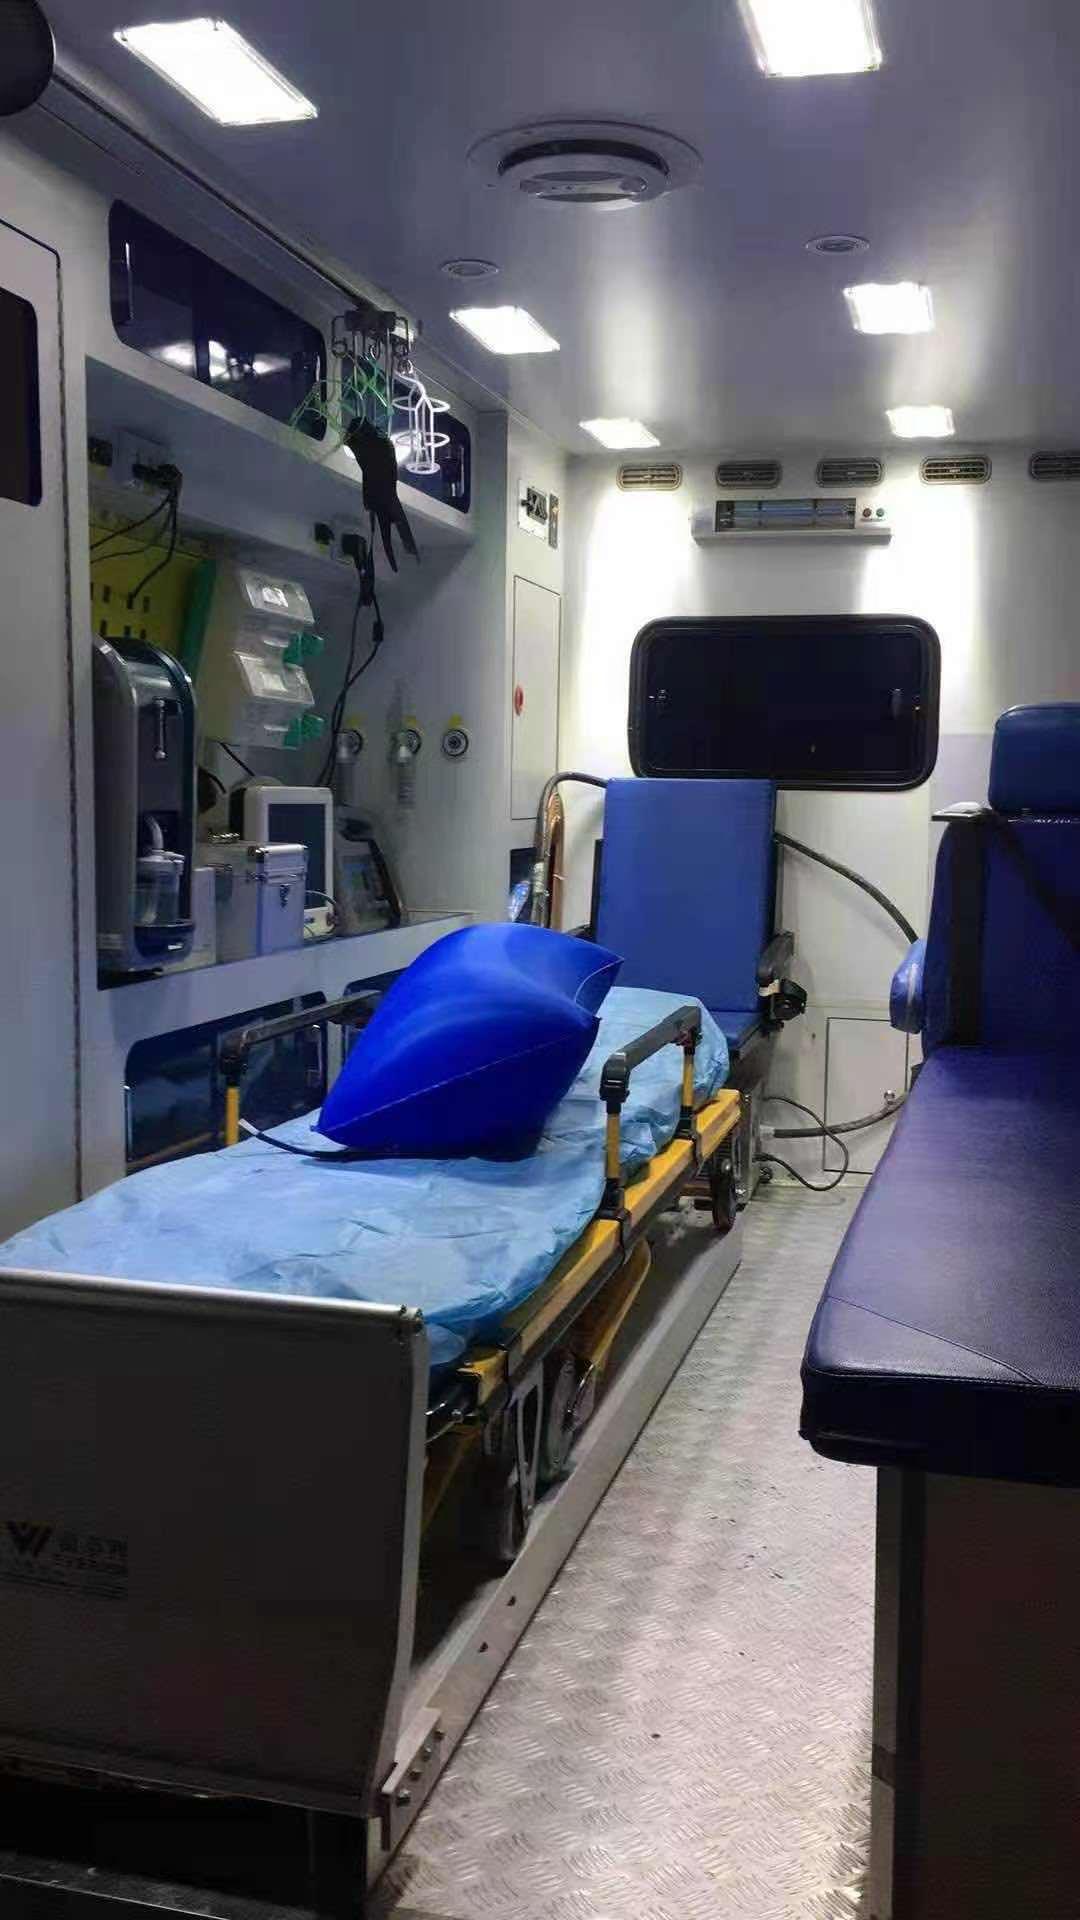 鄂州长途救护车接送—石家庄长途救护车接送